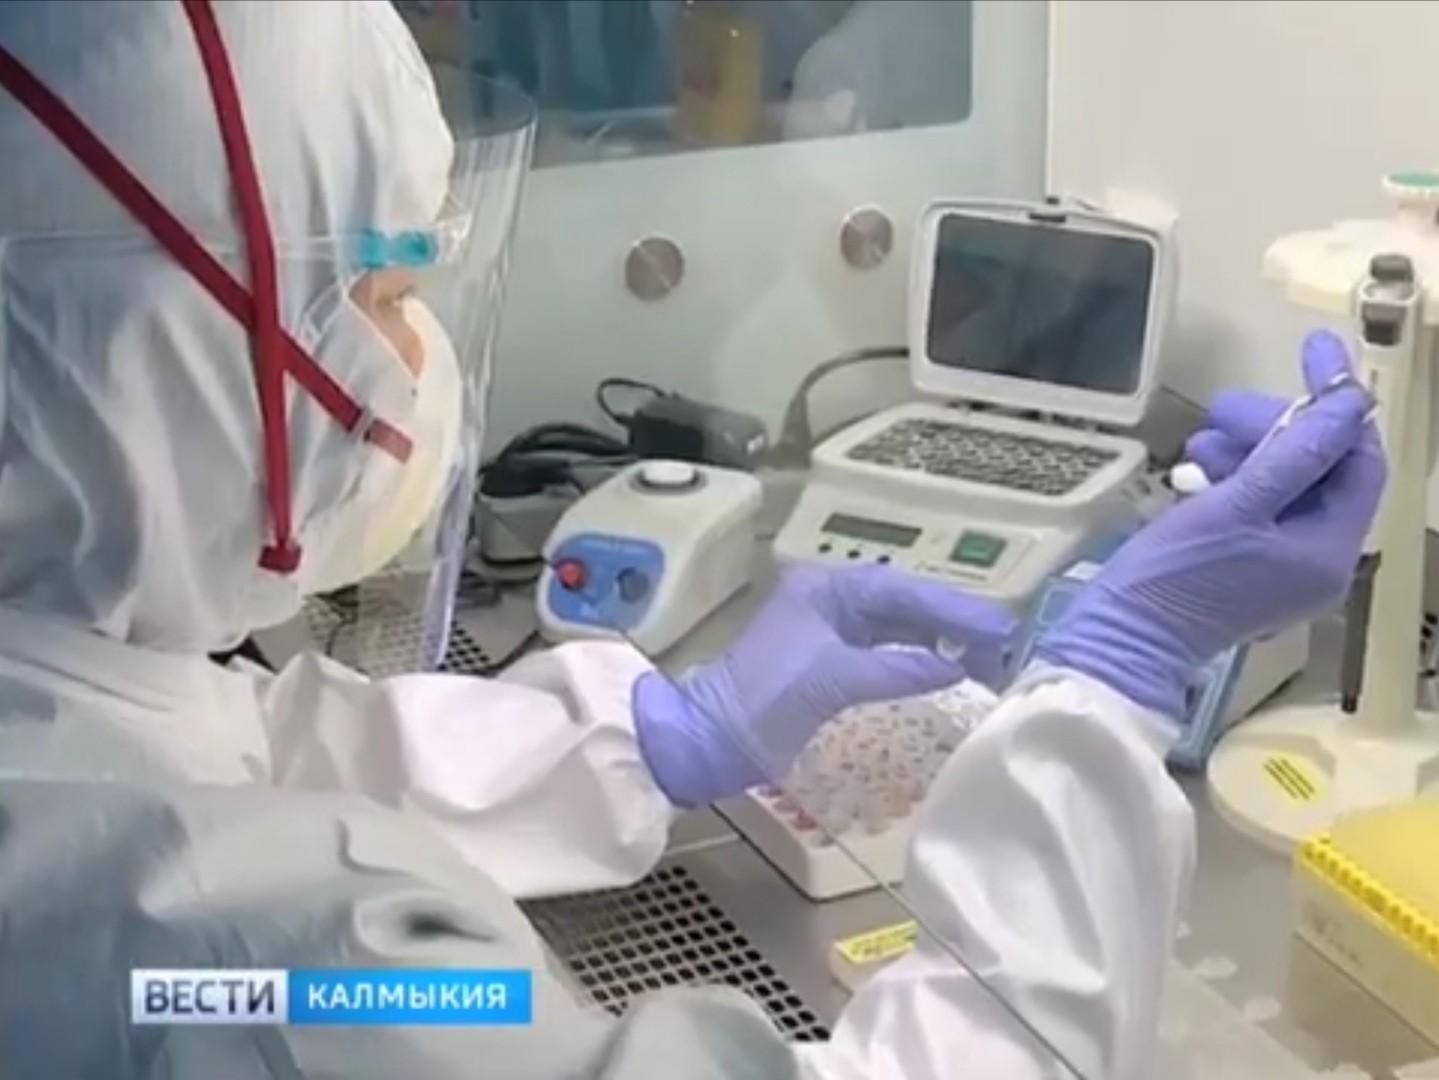 По данным оперштаба на 19 июля выявлено 108 случаев заражения новой коронавирусной инфекцией